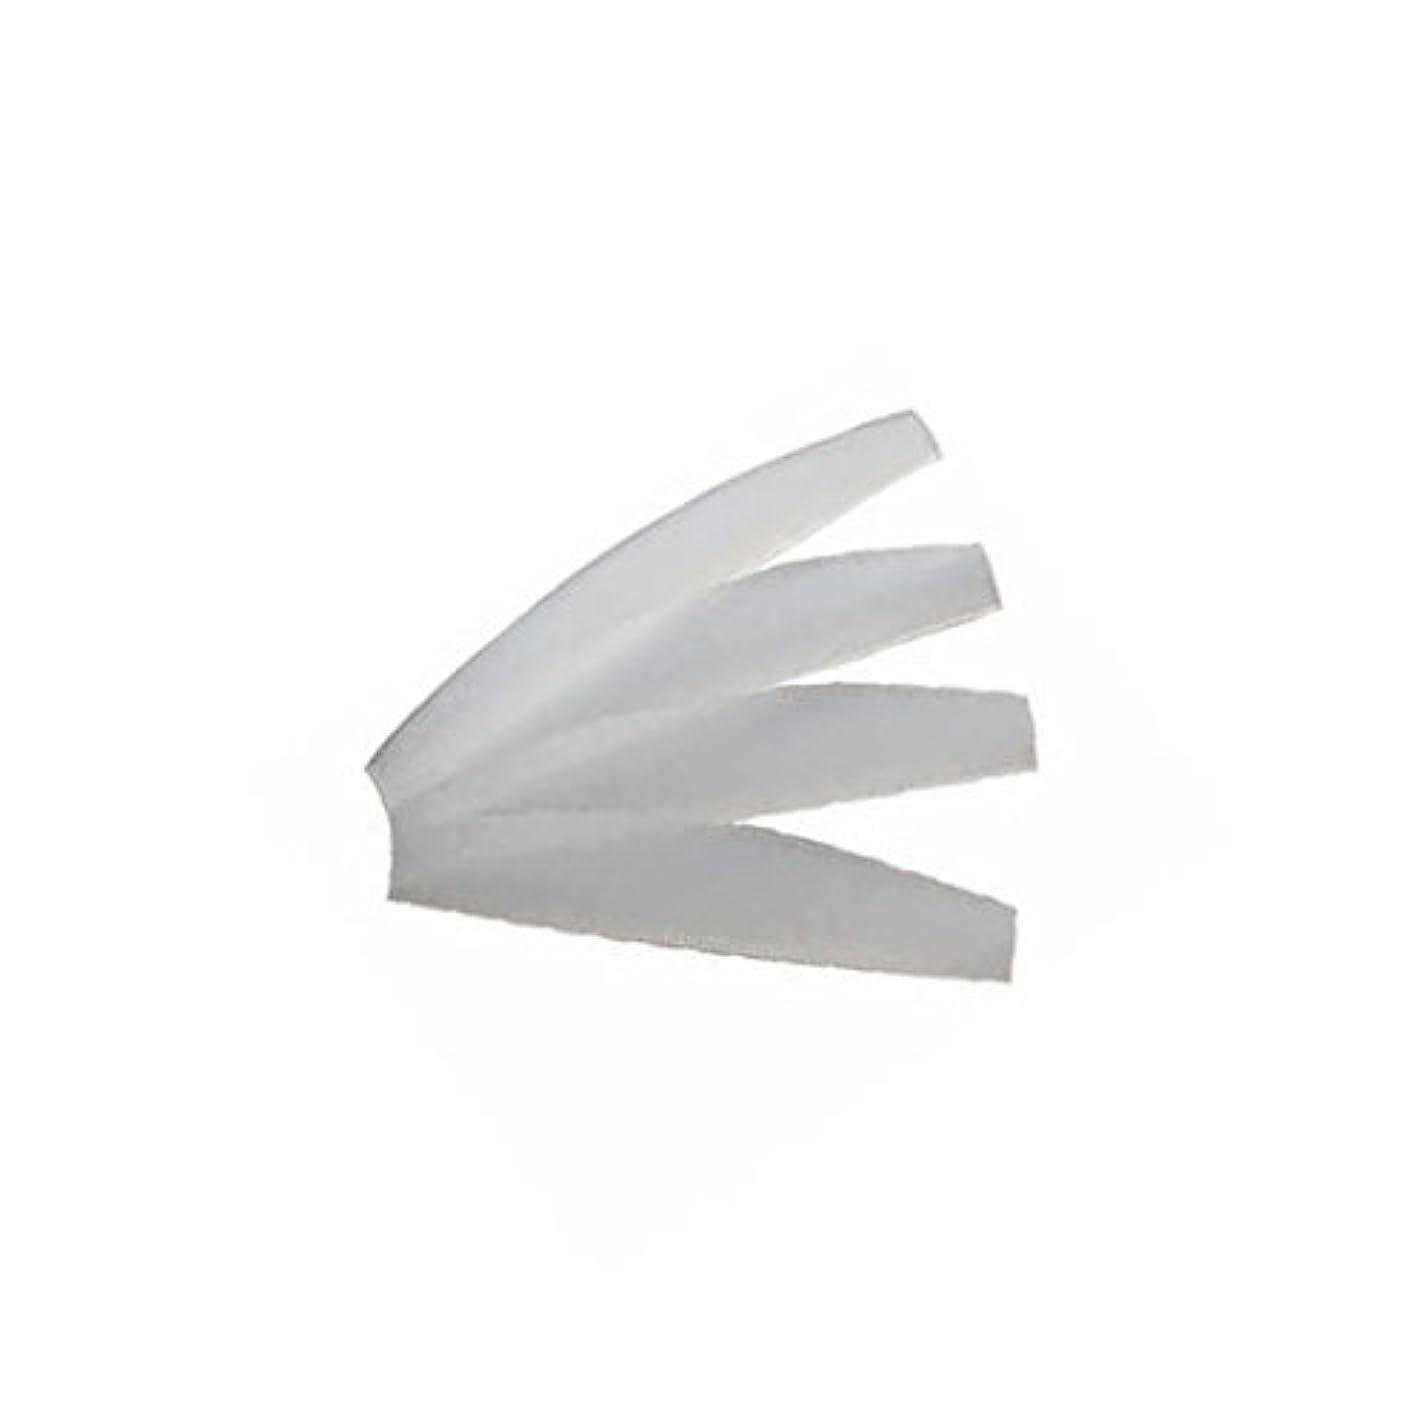 電気技師受信しなやか< CKL > 万能シリコンロット S 幅49×奥行9×高さ0.5~1.5mm 20枚 [ まつげカール まつげパーマロッド シリコンロット まつげエクステ まつ毛エクステ まつエク マツエク ]